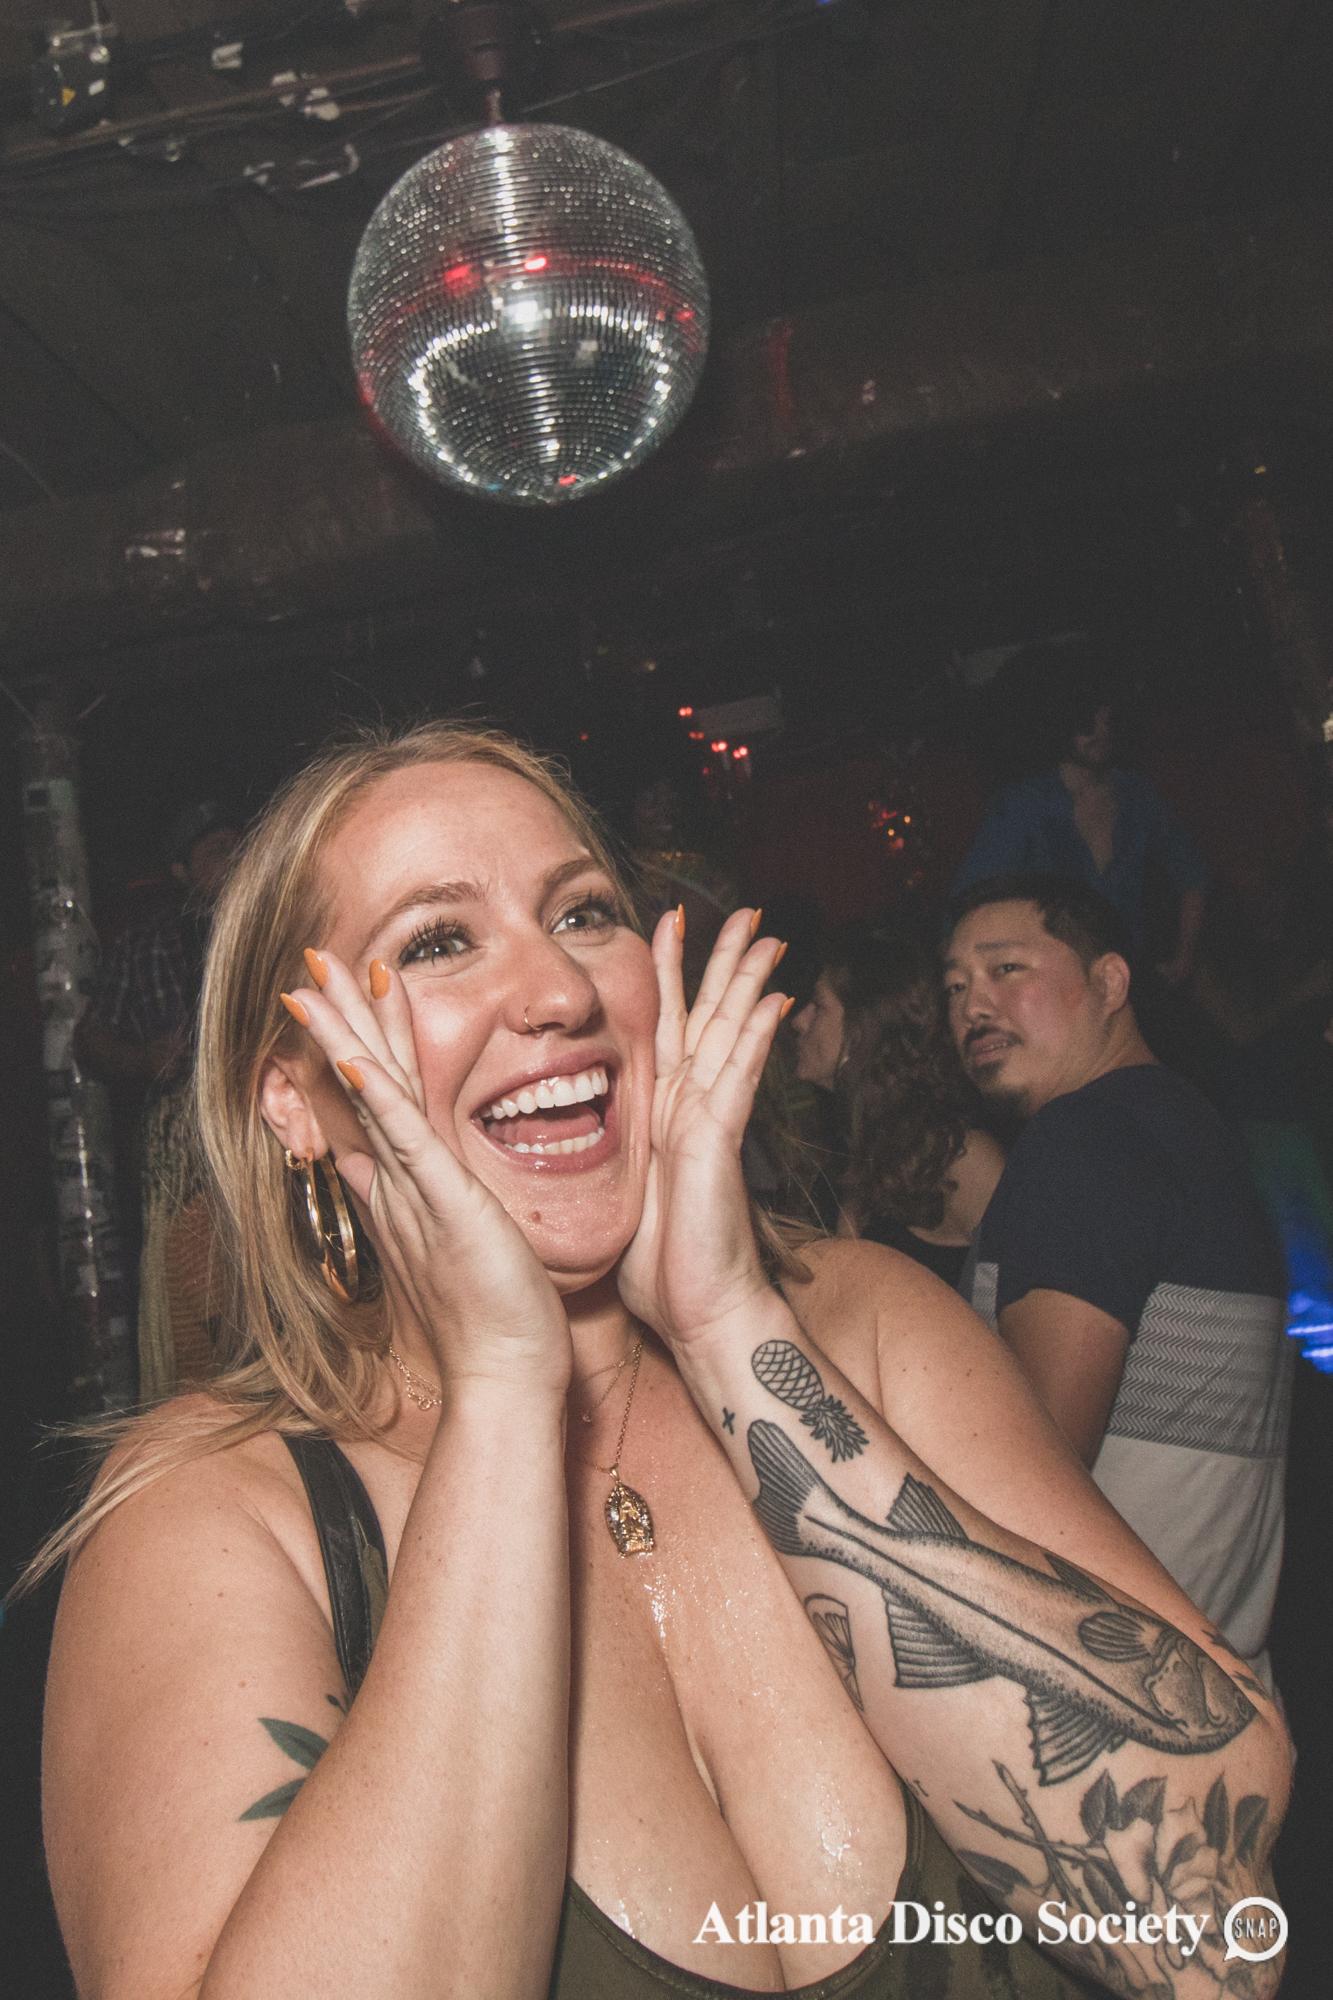 54Atlanta Disco Society Grace Kelly Oh Snap Kid 7.27.19.jpg